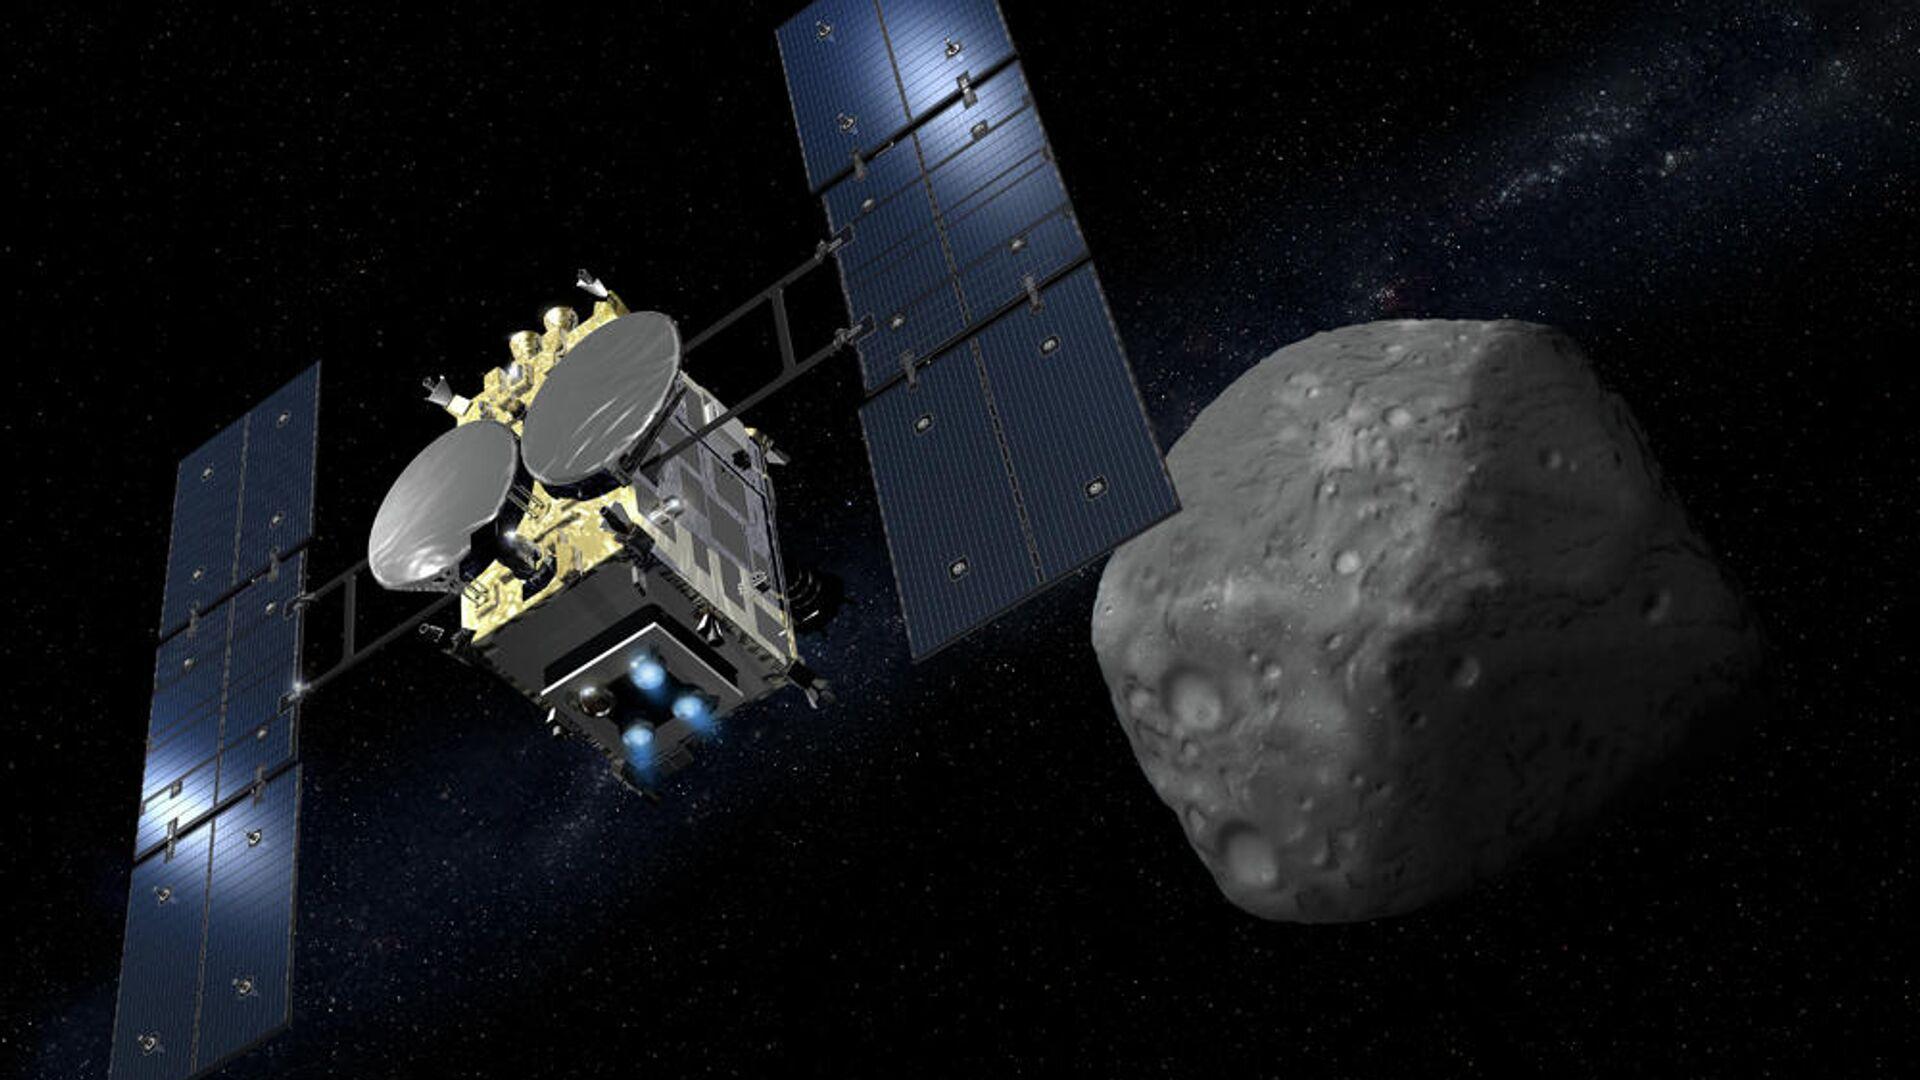 """Капсула с грунтом c астероида отделилась от японского зонда """"Хаябуса-2"""""""